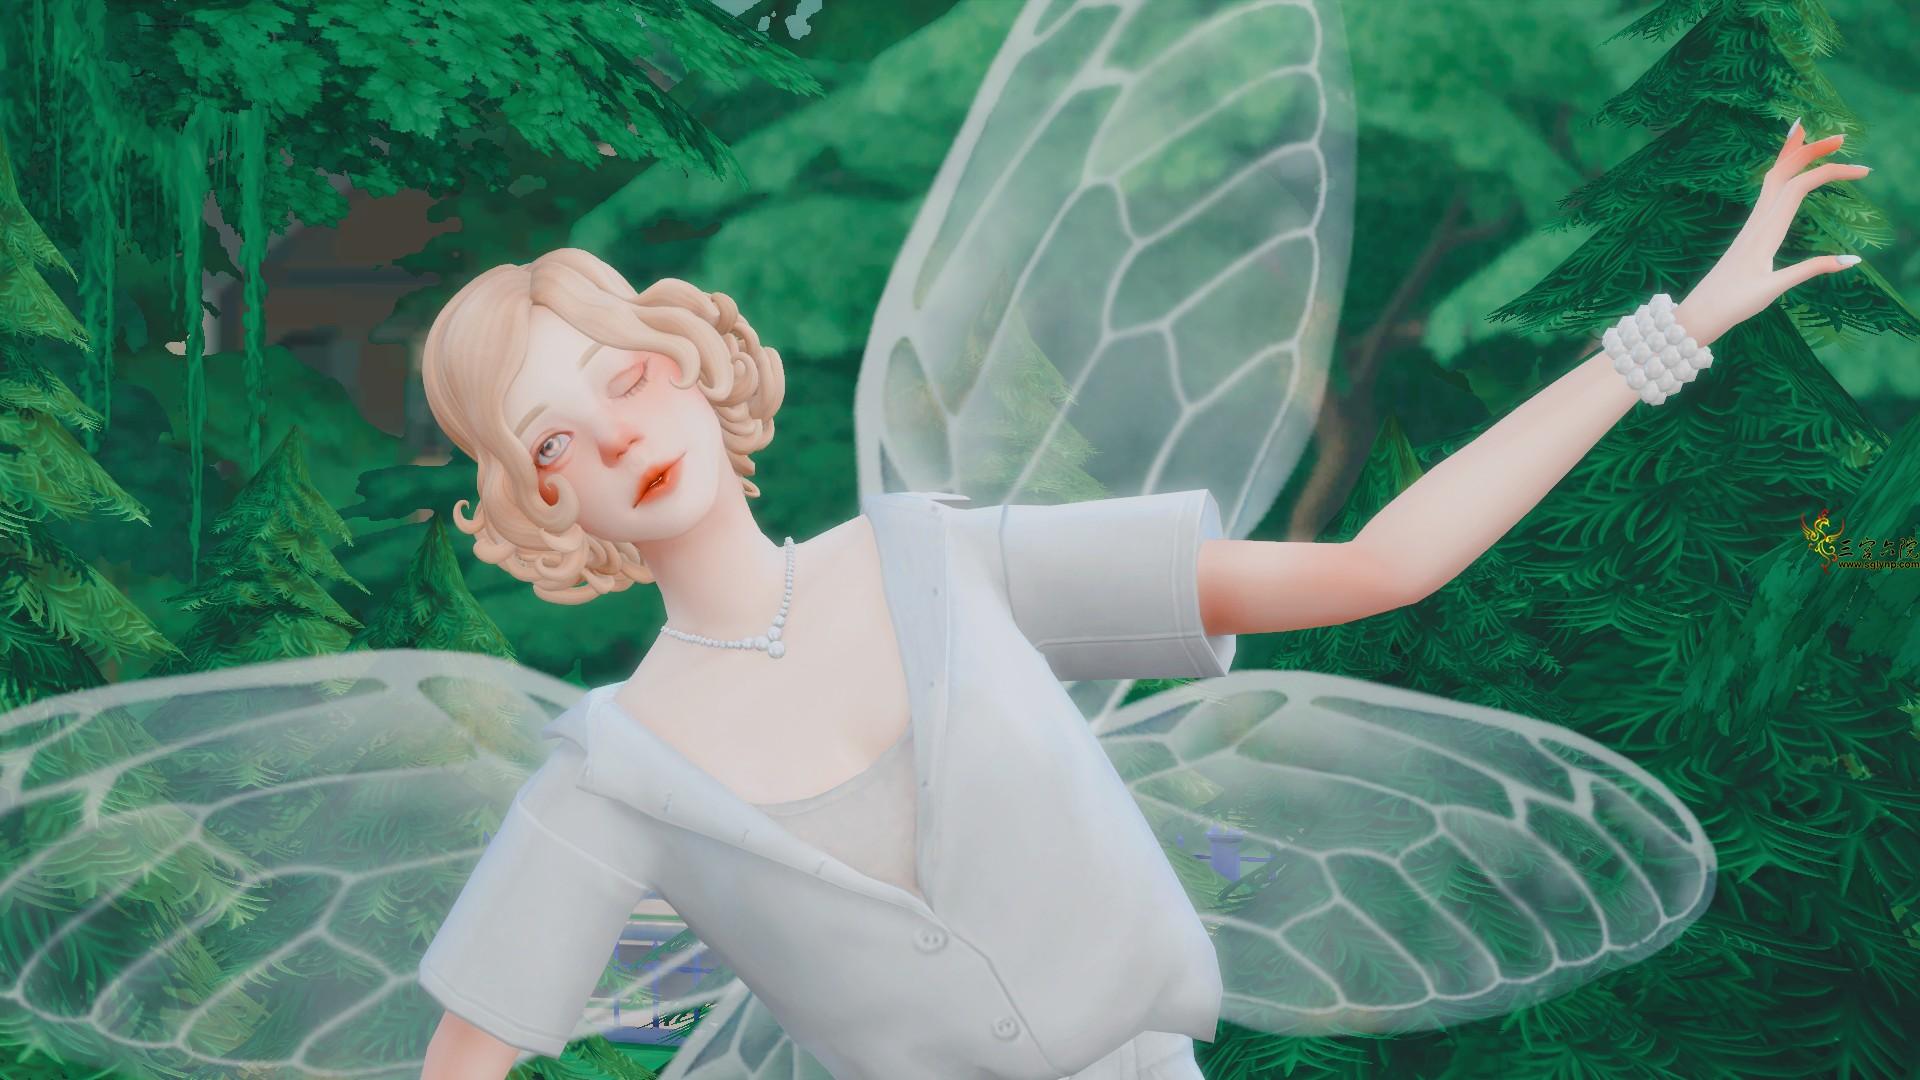 Sims 4 Screenshot 2021.02.12 - 13.09.39.86.png